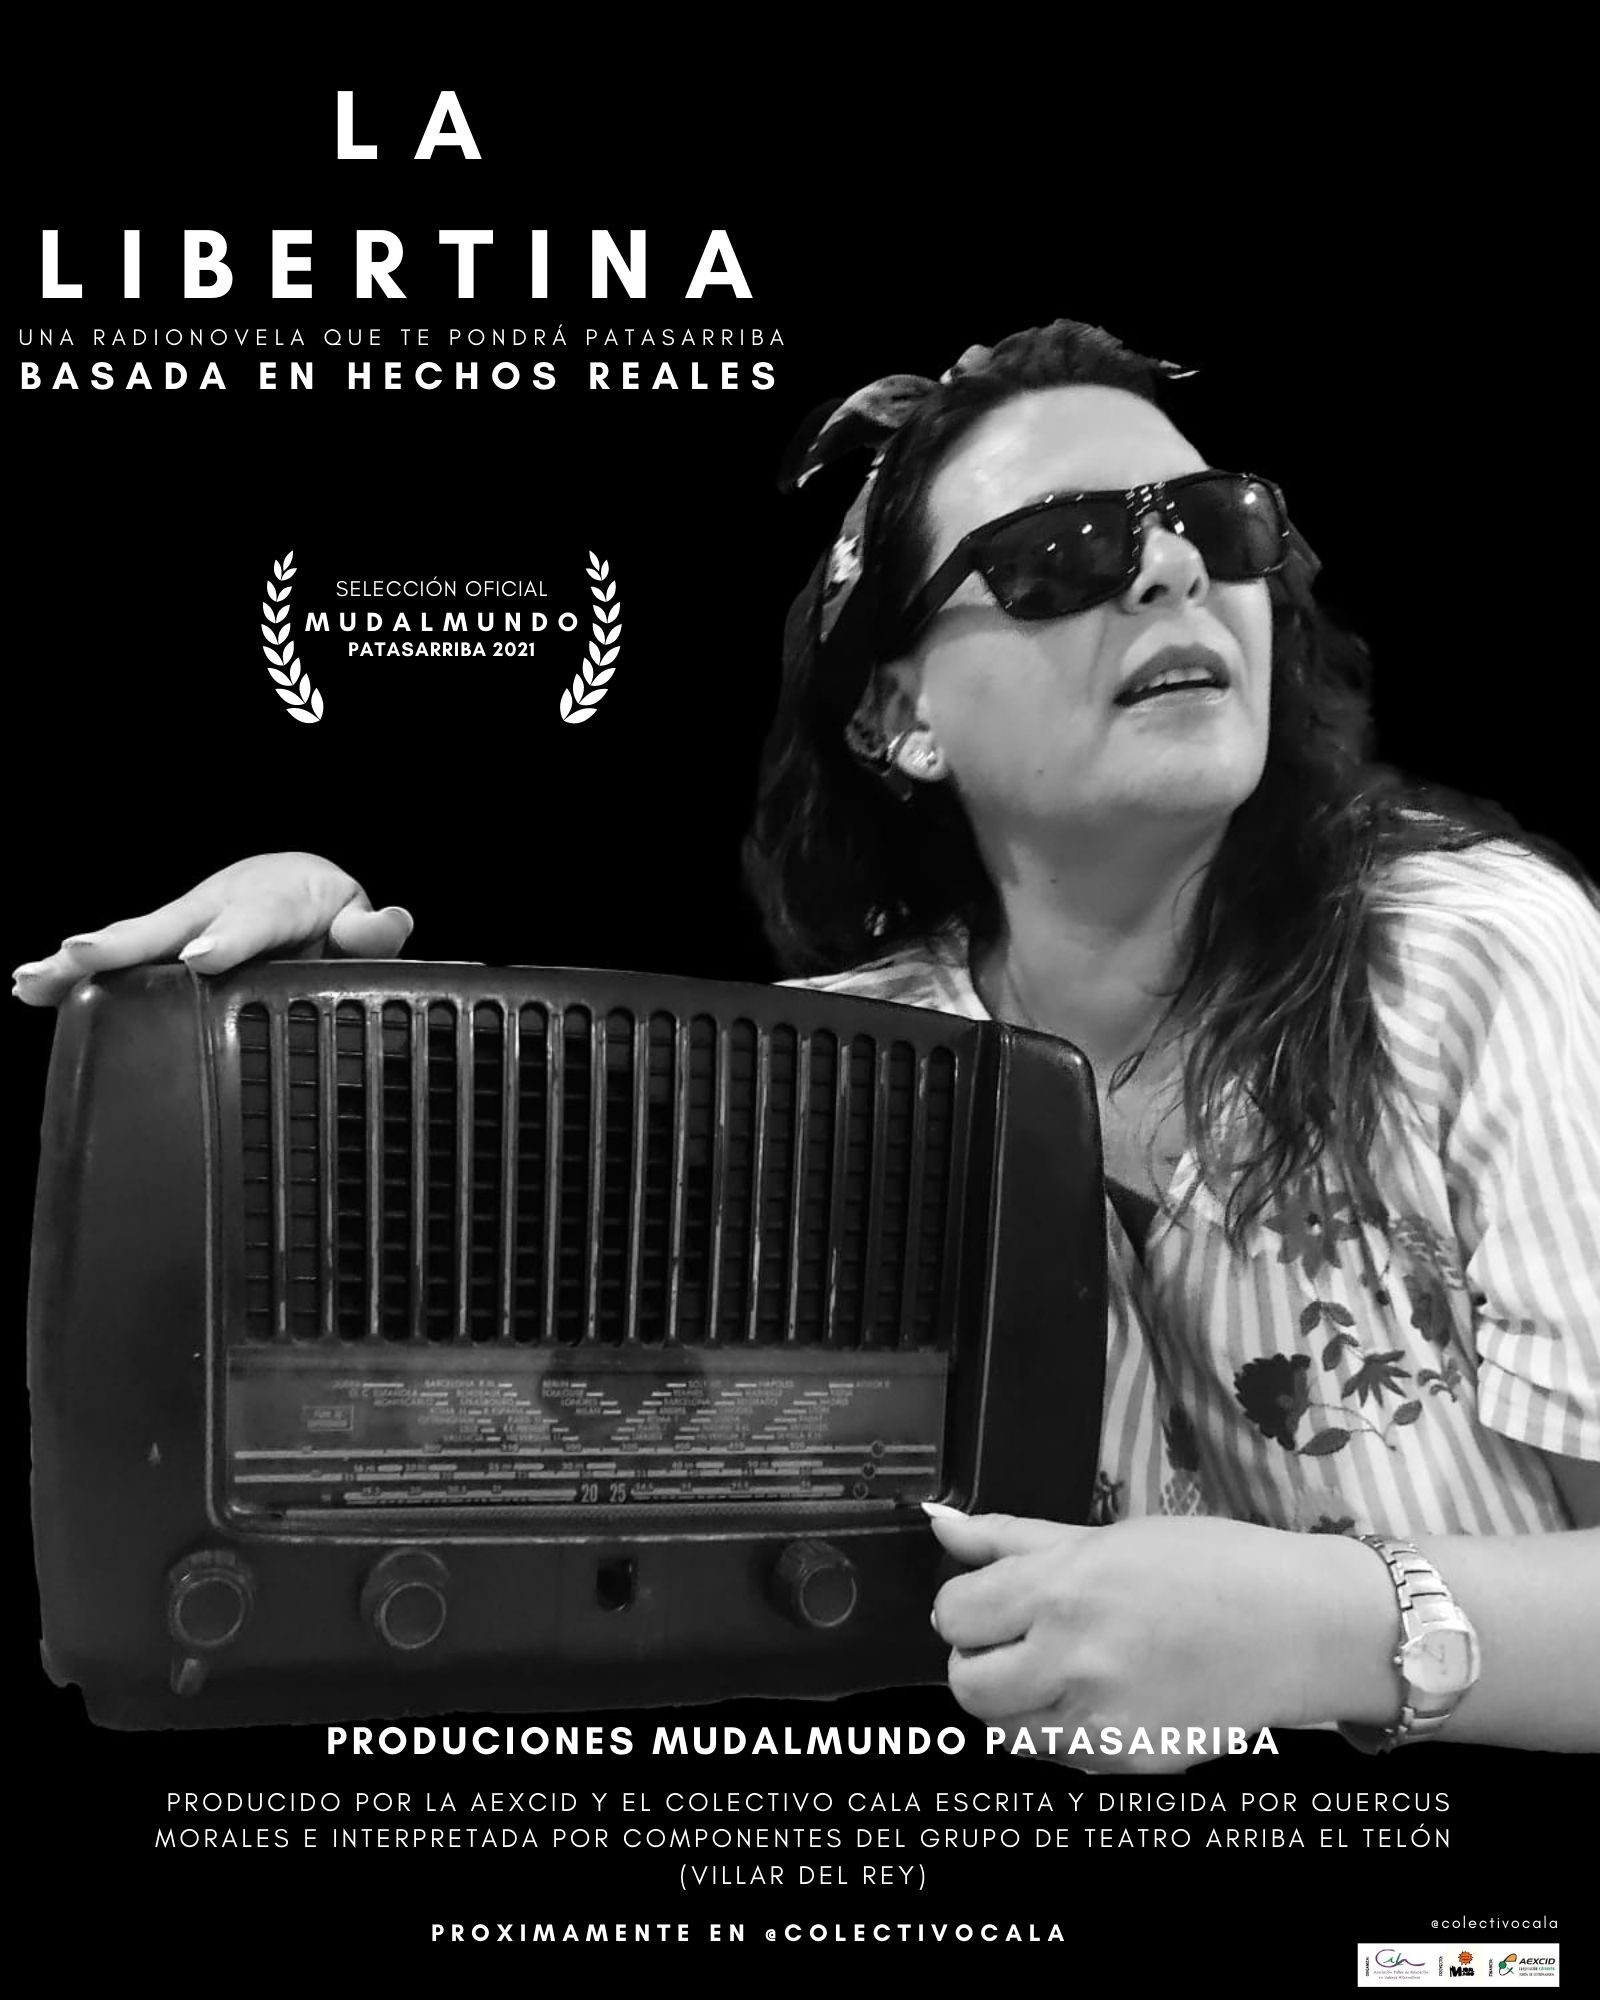 LA LIBERTINA _ una radionovela que te pondrá PatasArriba